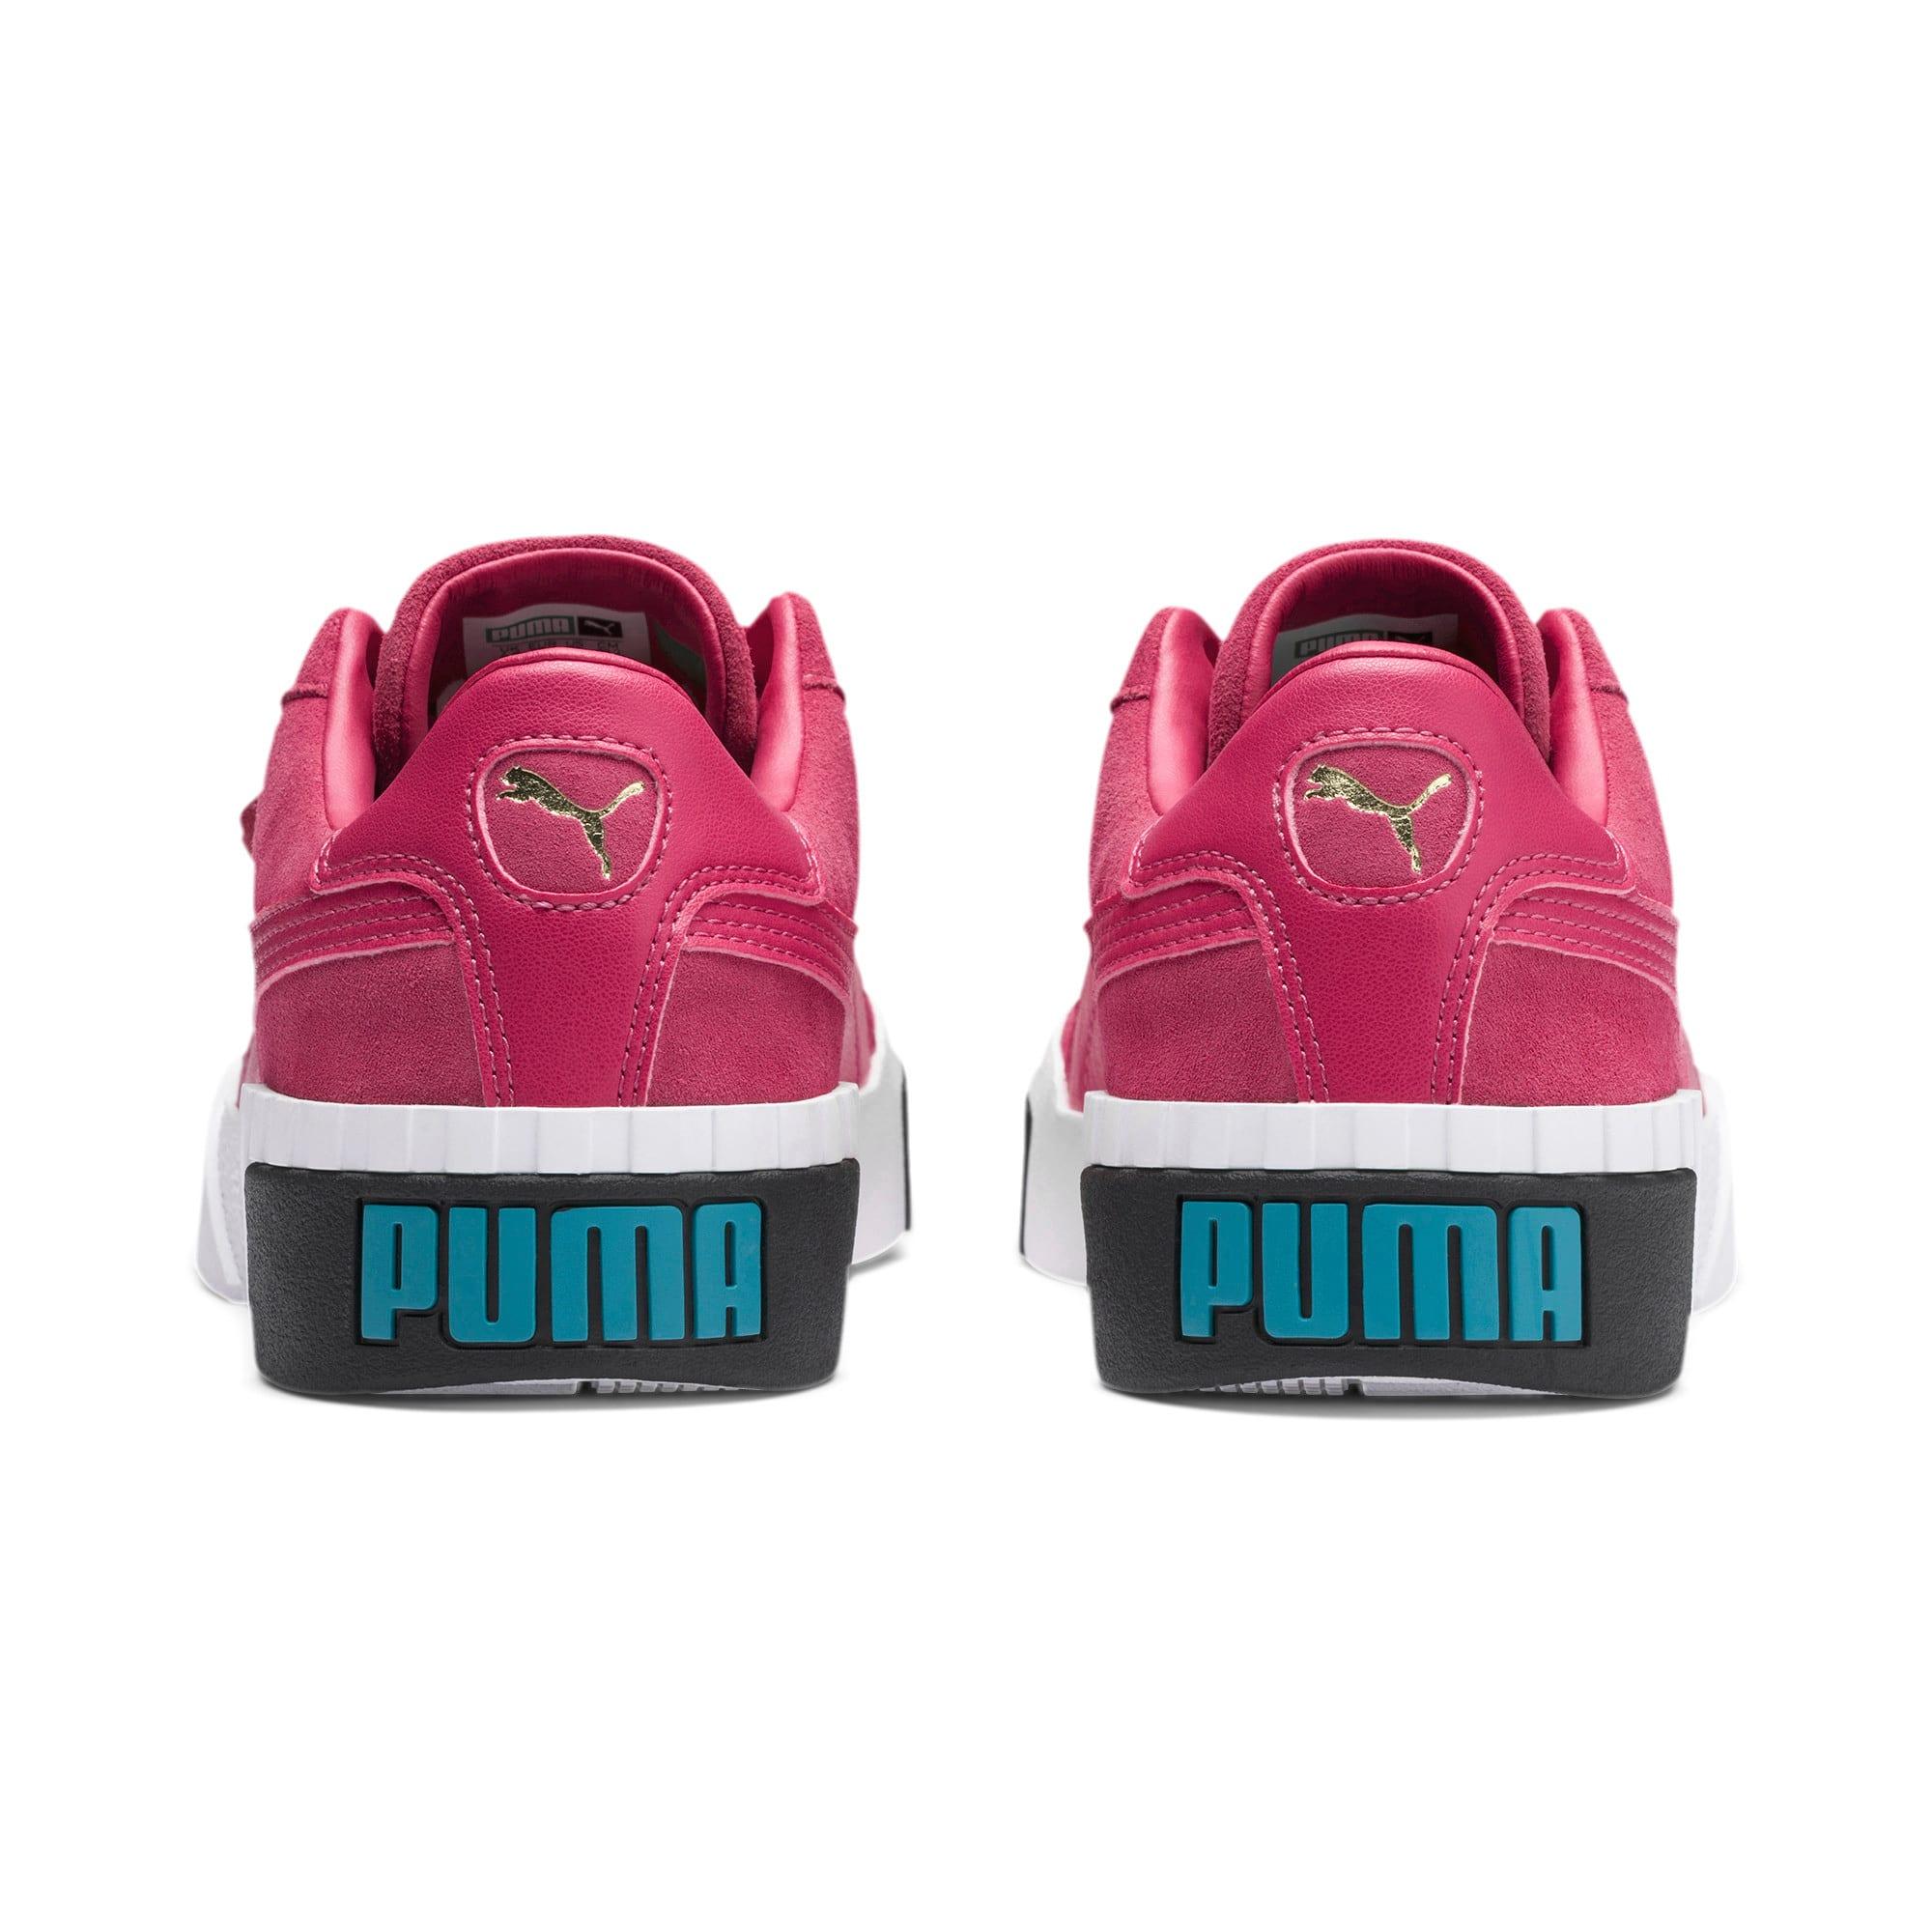 Miniatura 4 de Zapatos deportivos Cali Suede de mujer, Fuchsia Purple, mediano